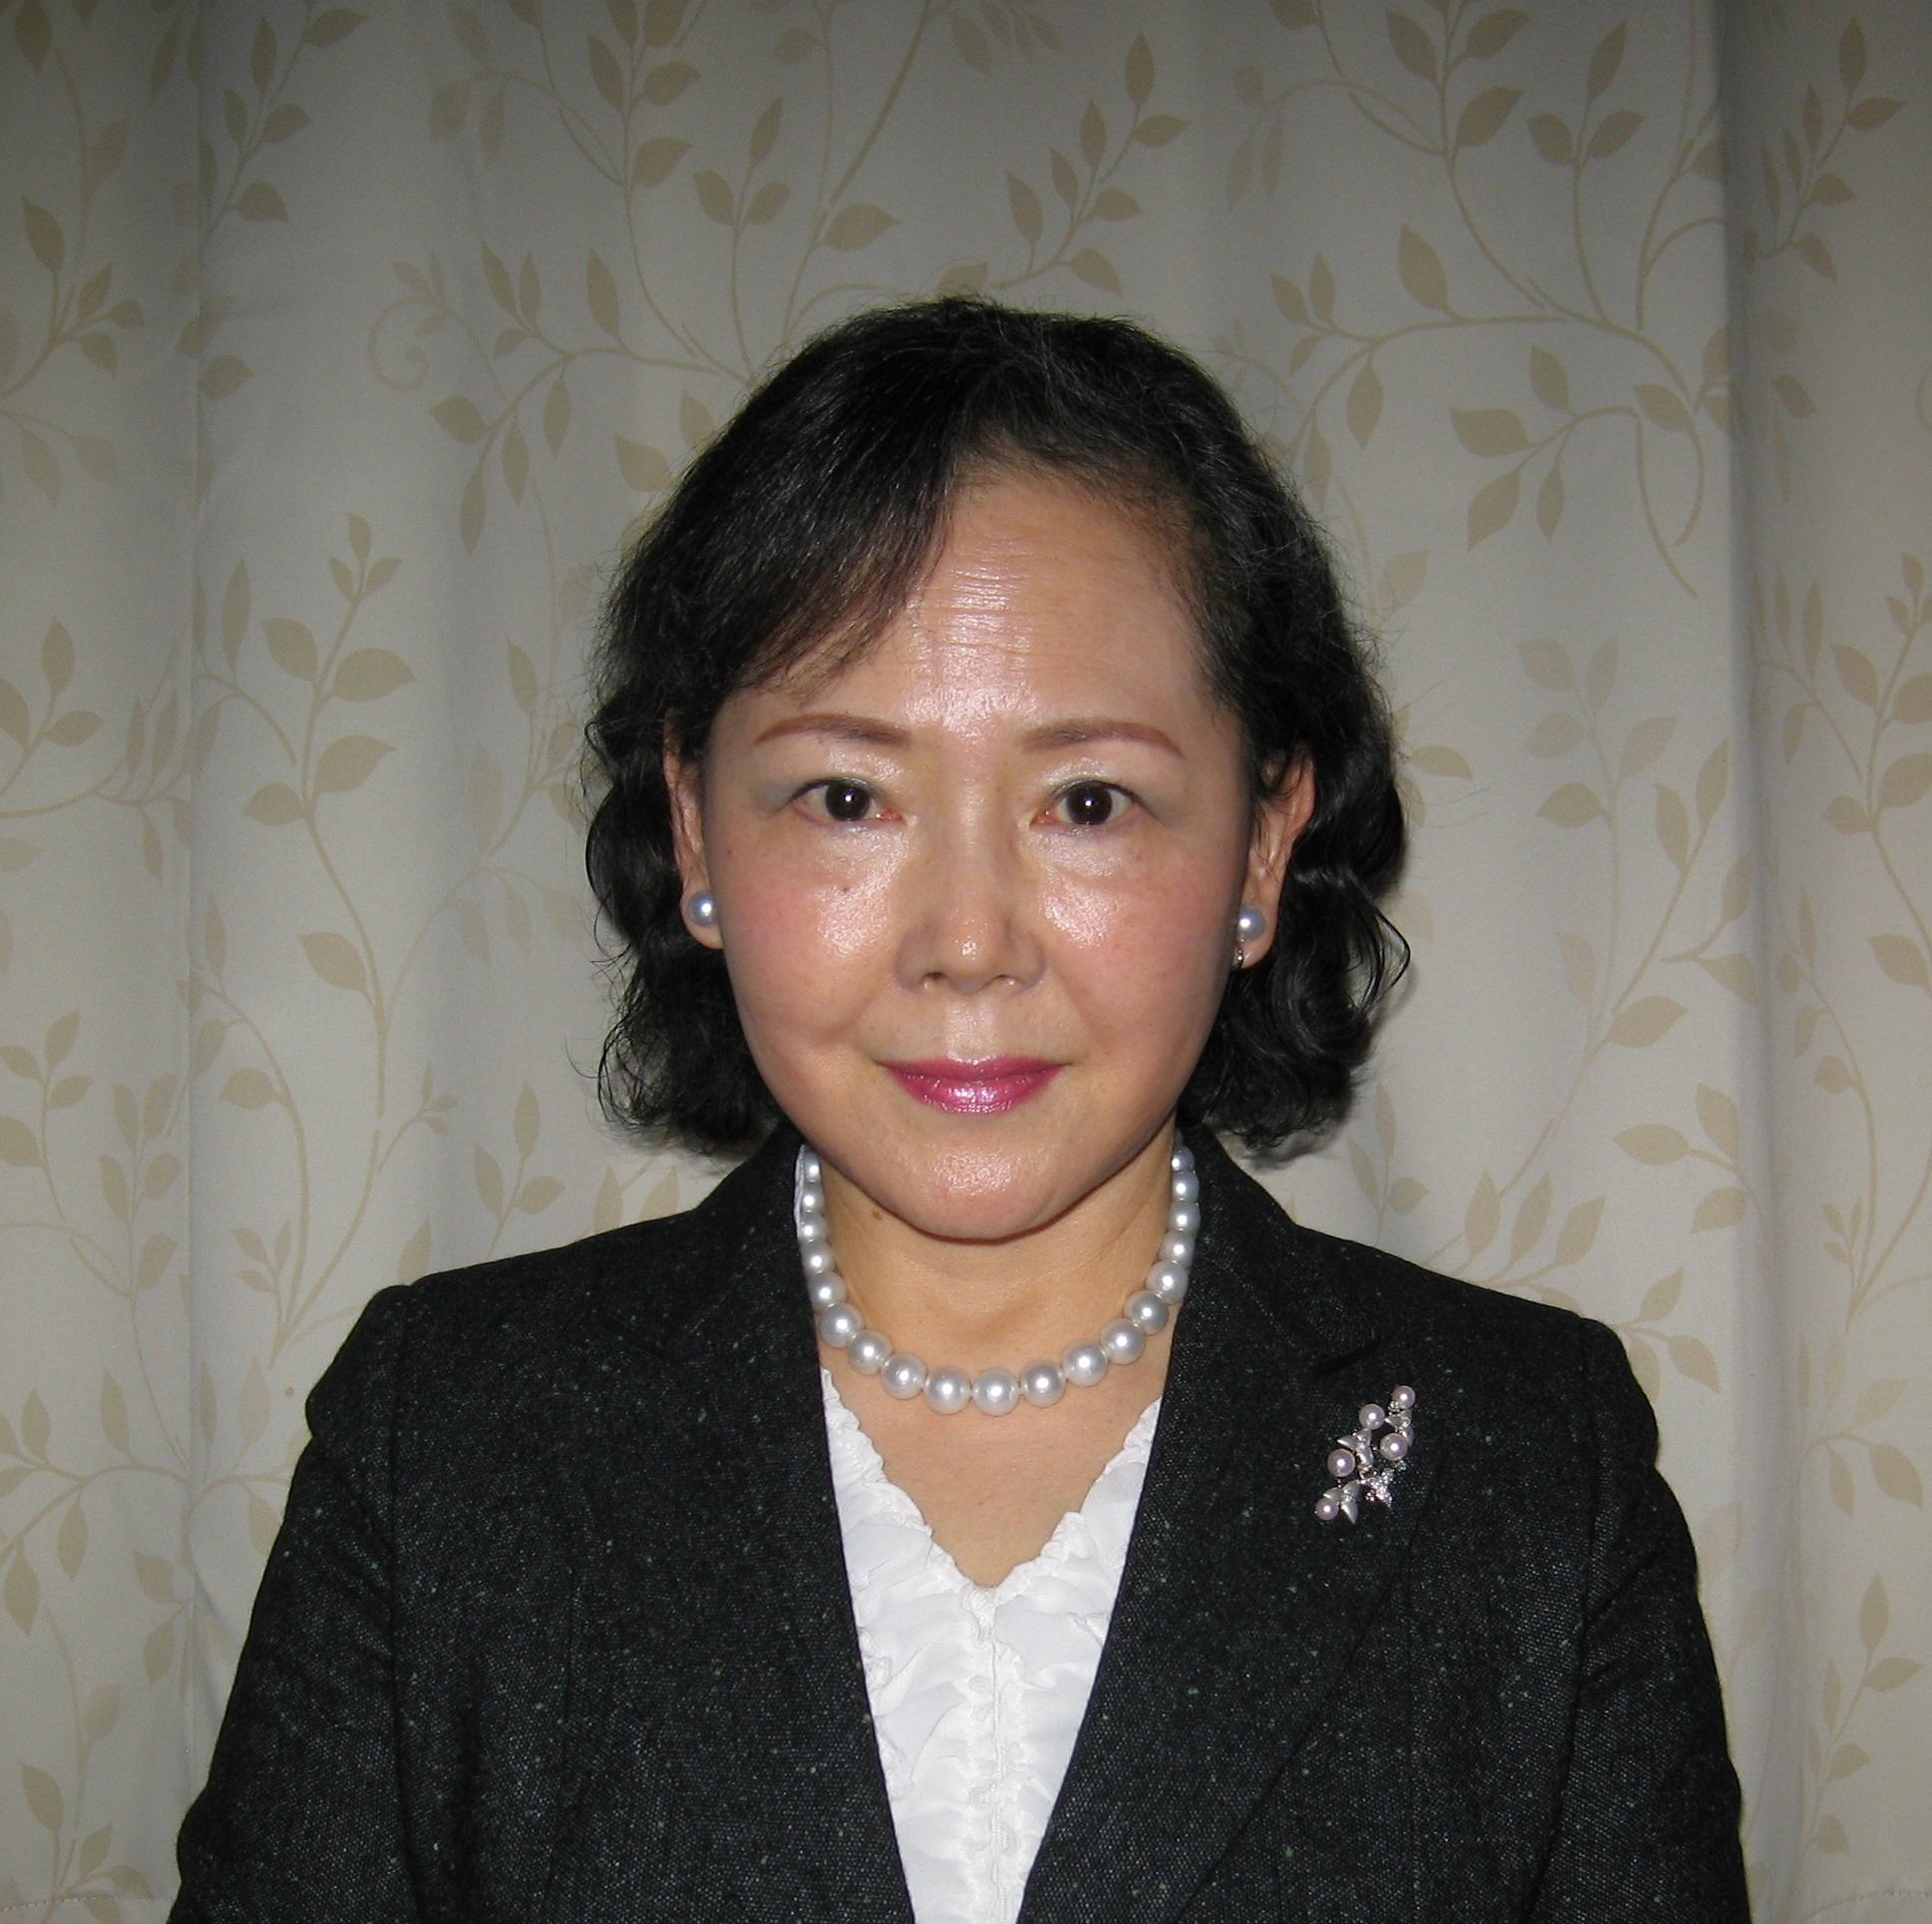 Dr. Shiojiri